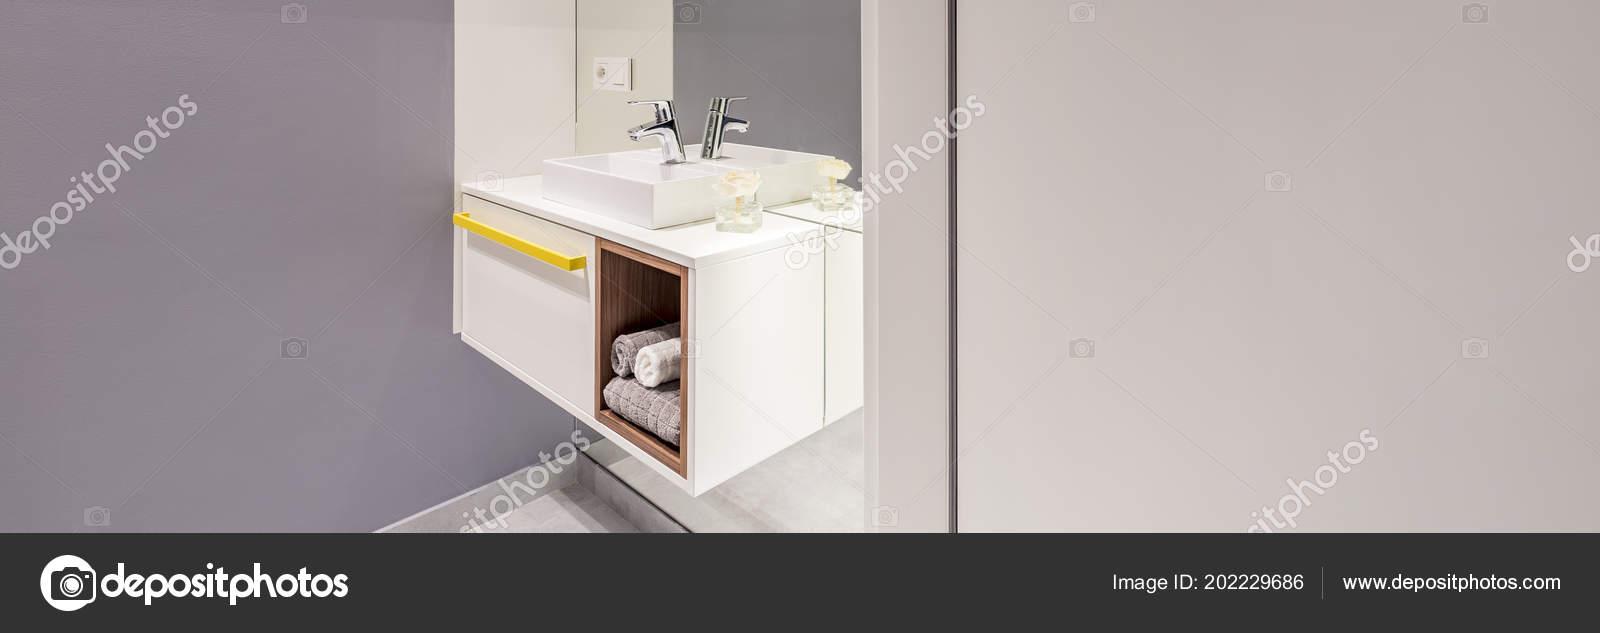 Zijaanzicht Van Moderne Wasbak Met Een Kast Handdoeken Naast